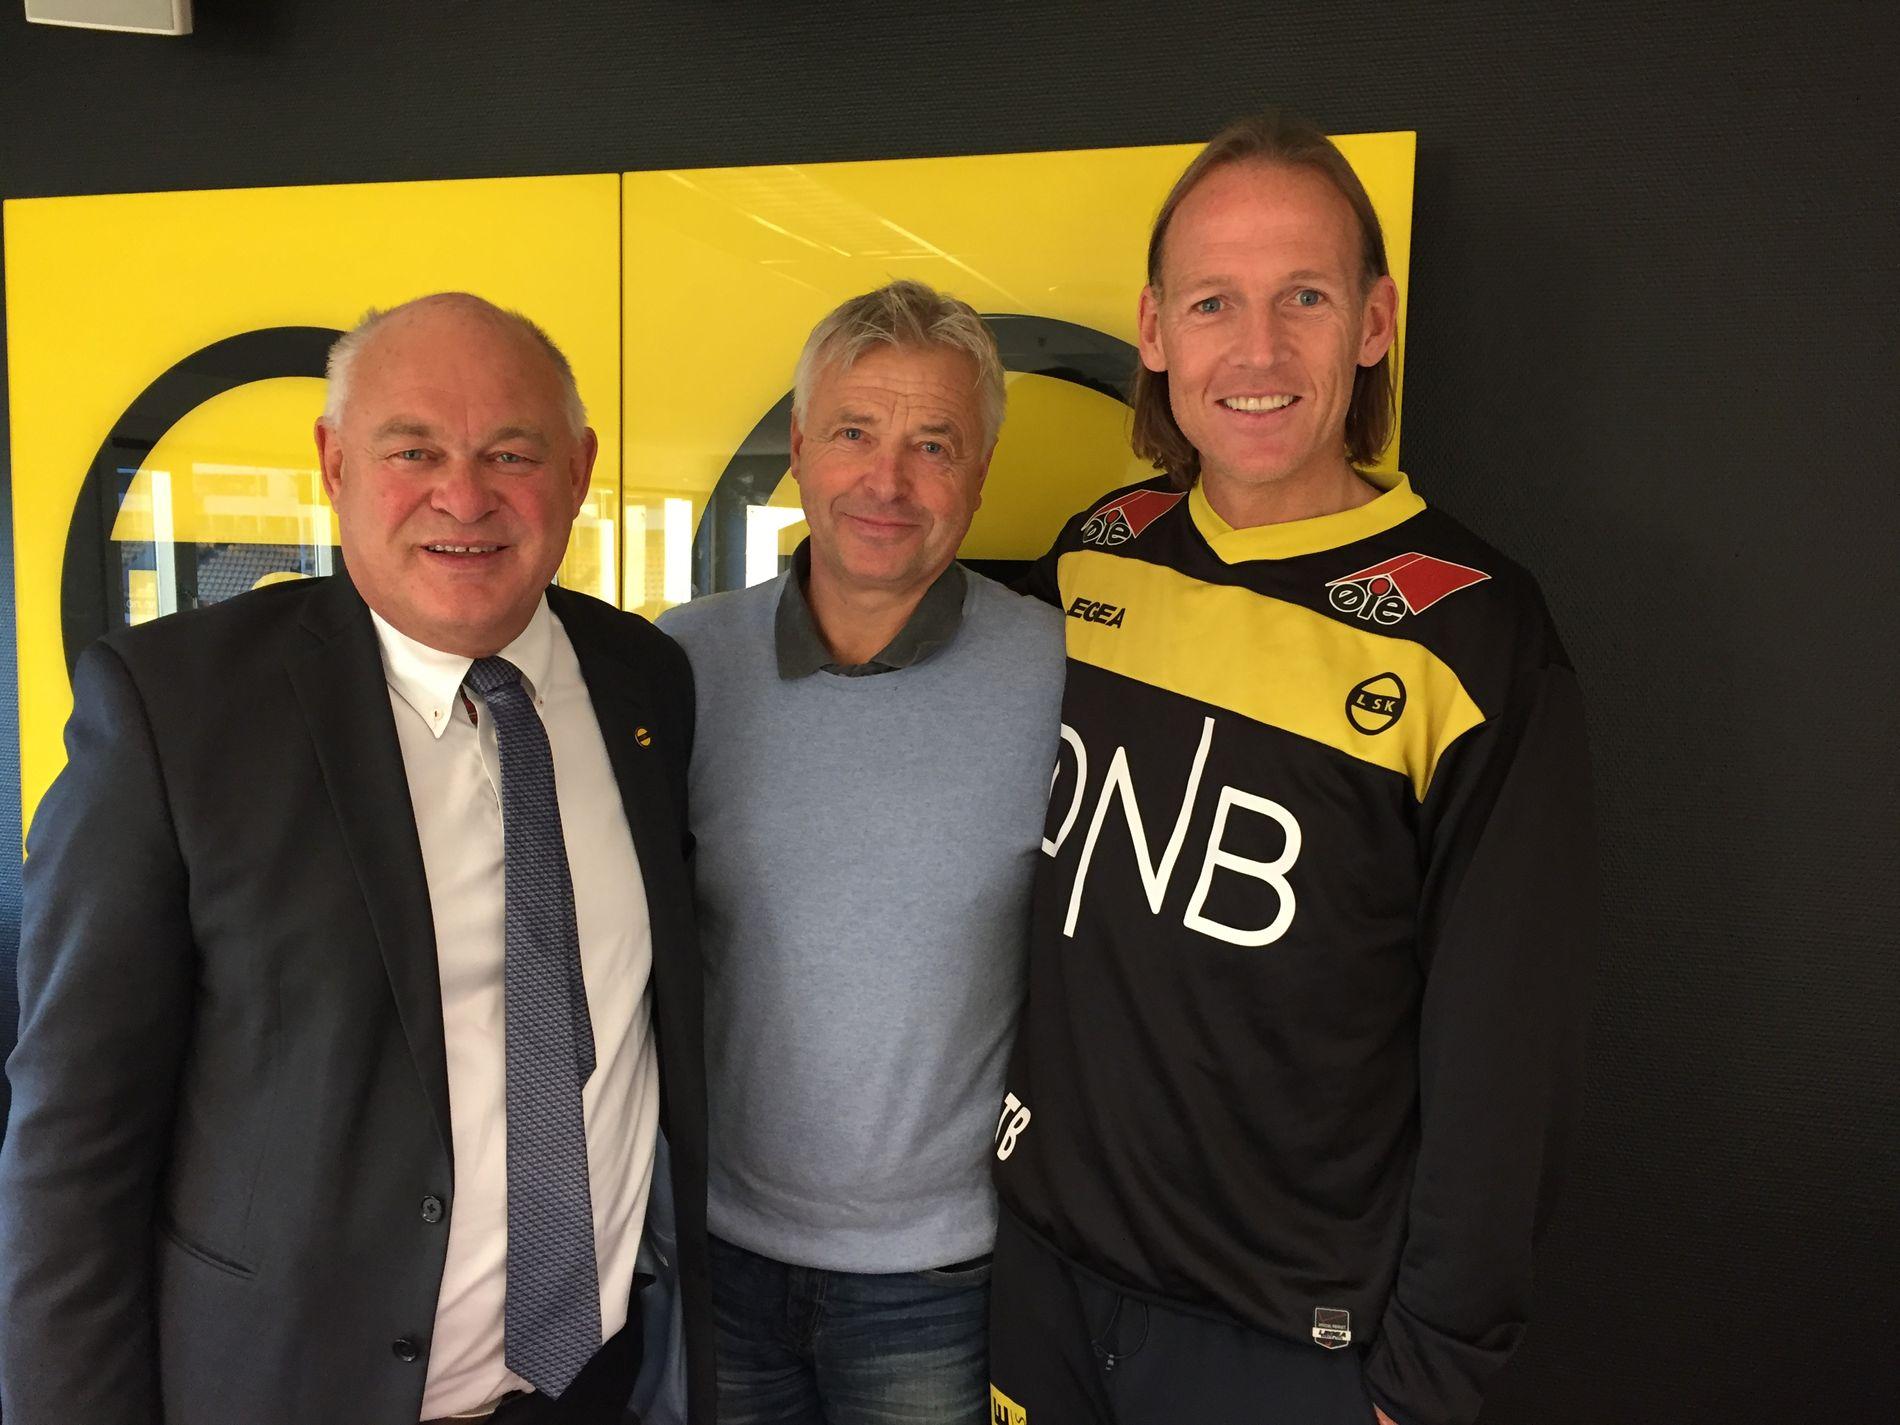 TILBAKE TIL RØTTENE: Arne Erlandsen trener Lillestrøm de to neste årene. Her er han sammen med styreleder Owe Halvorsen (t.v) og sportssjef Torgeir Bjarmann.